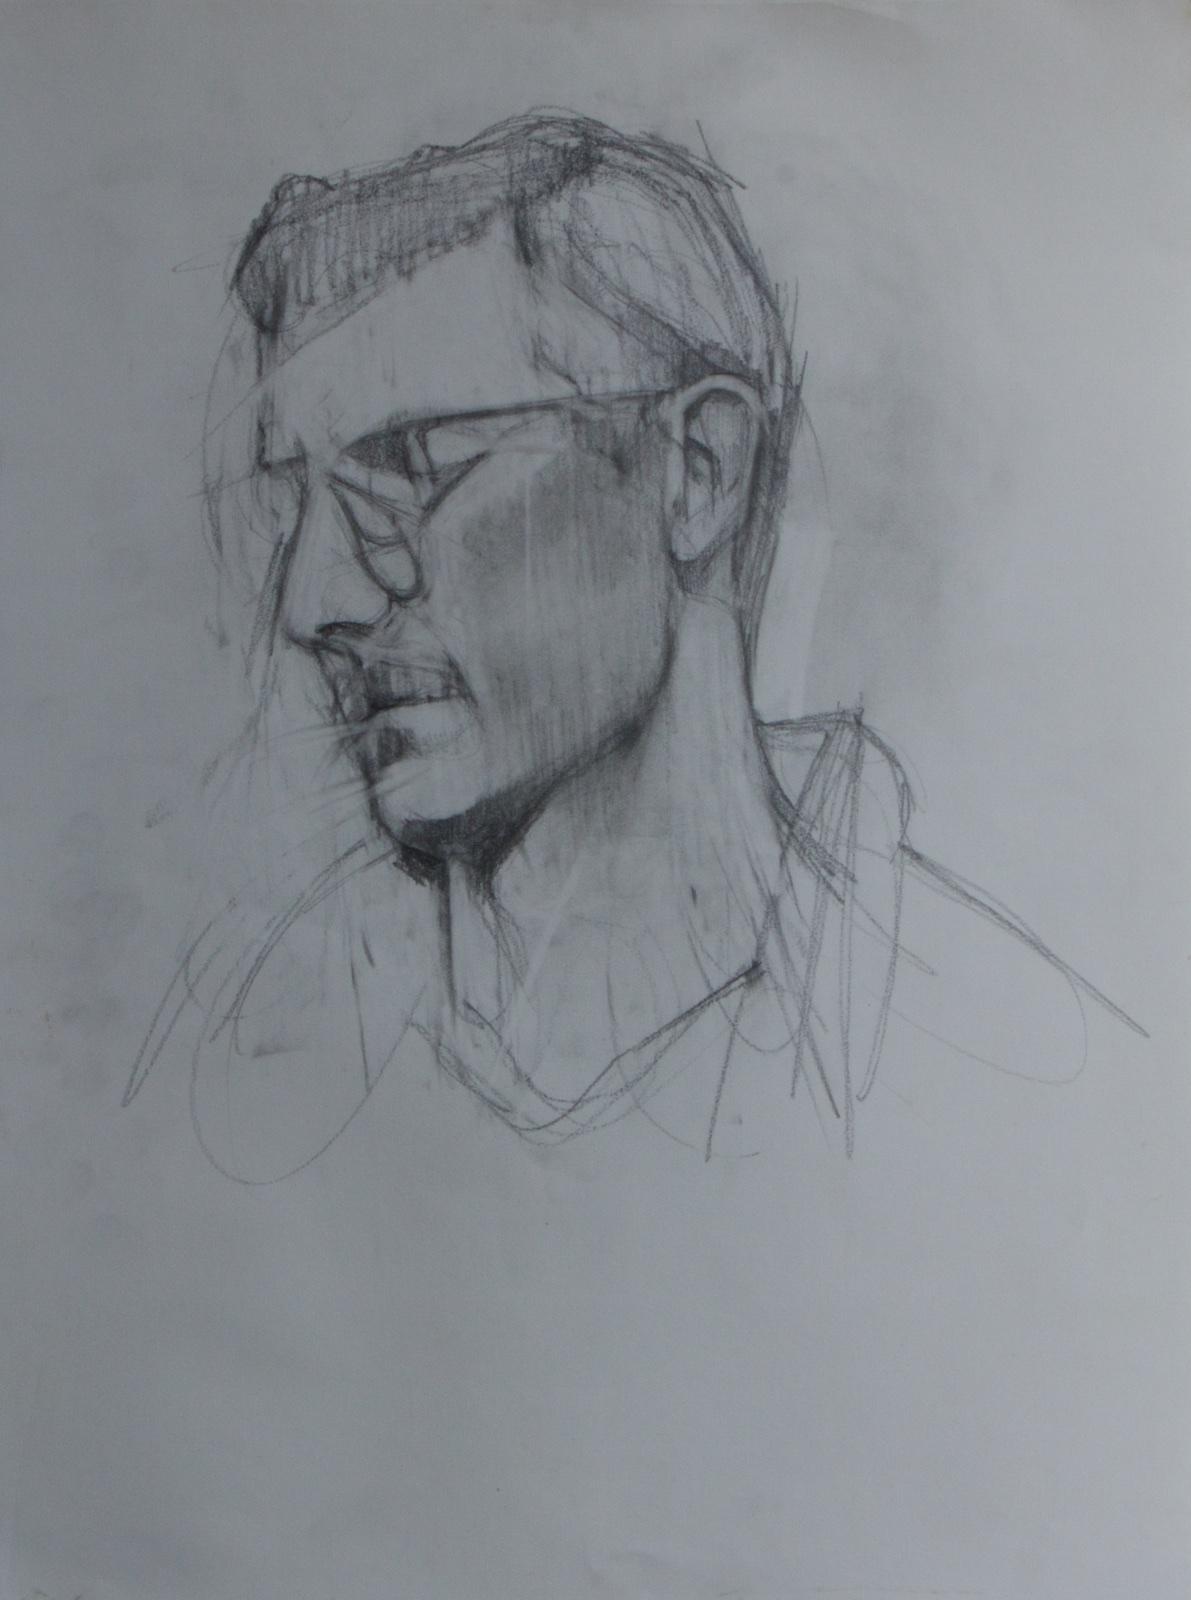 Daniel_pencil on paper_24x18_20